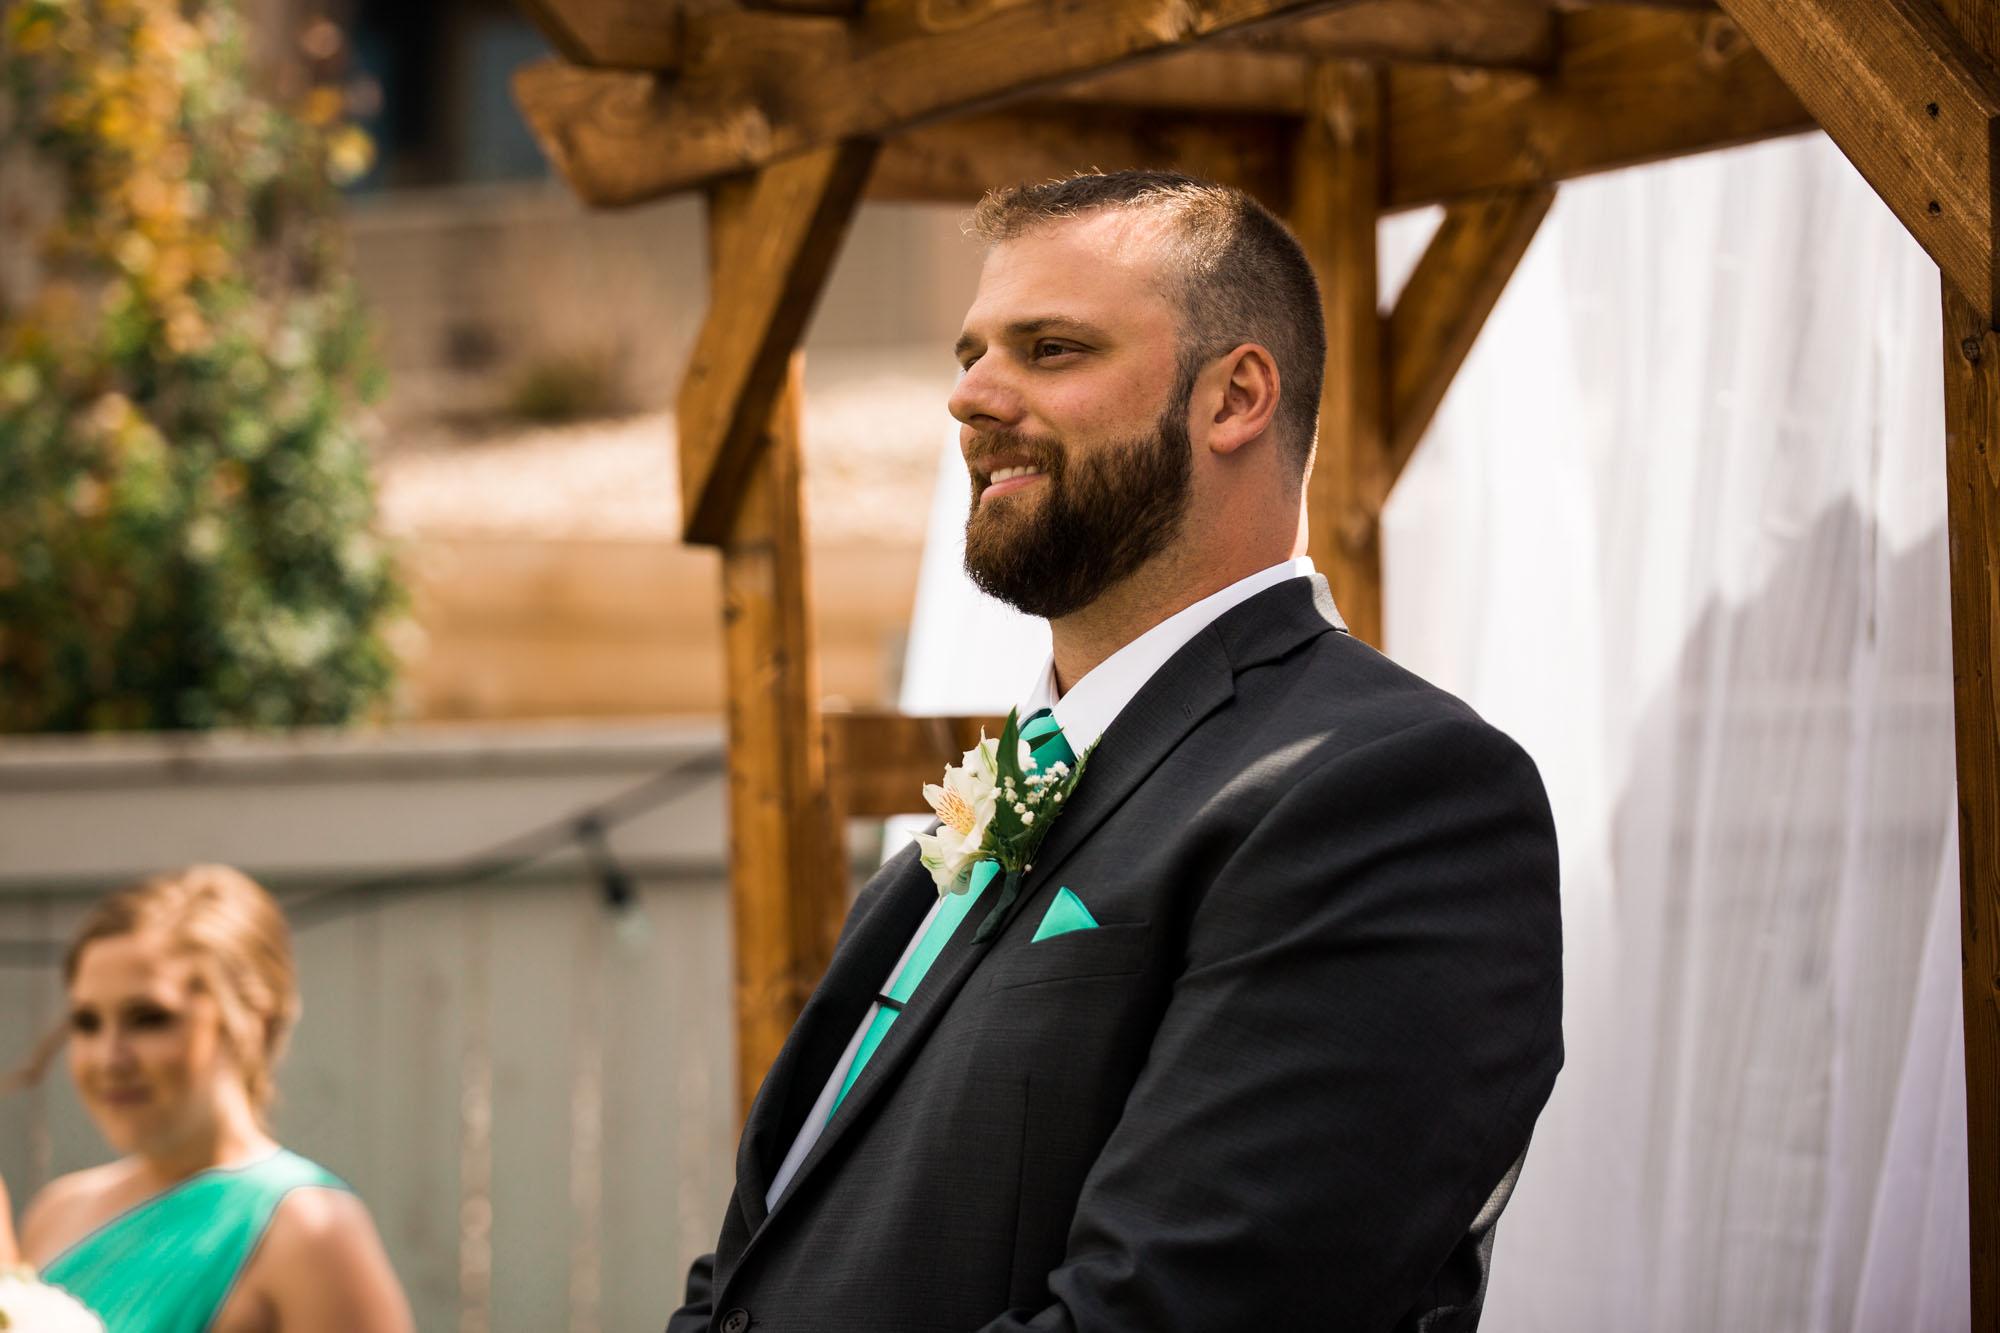 Calgary wedding photographer - wedding photography for an intimate backyard wedding